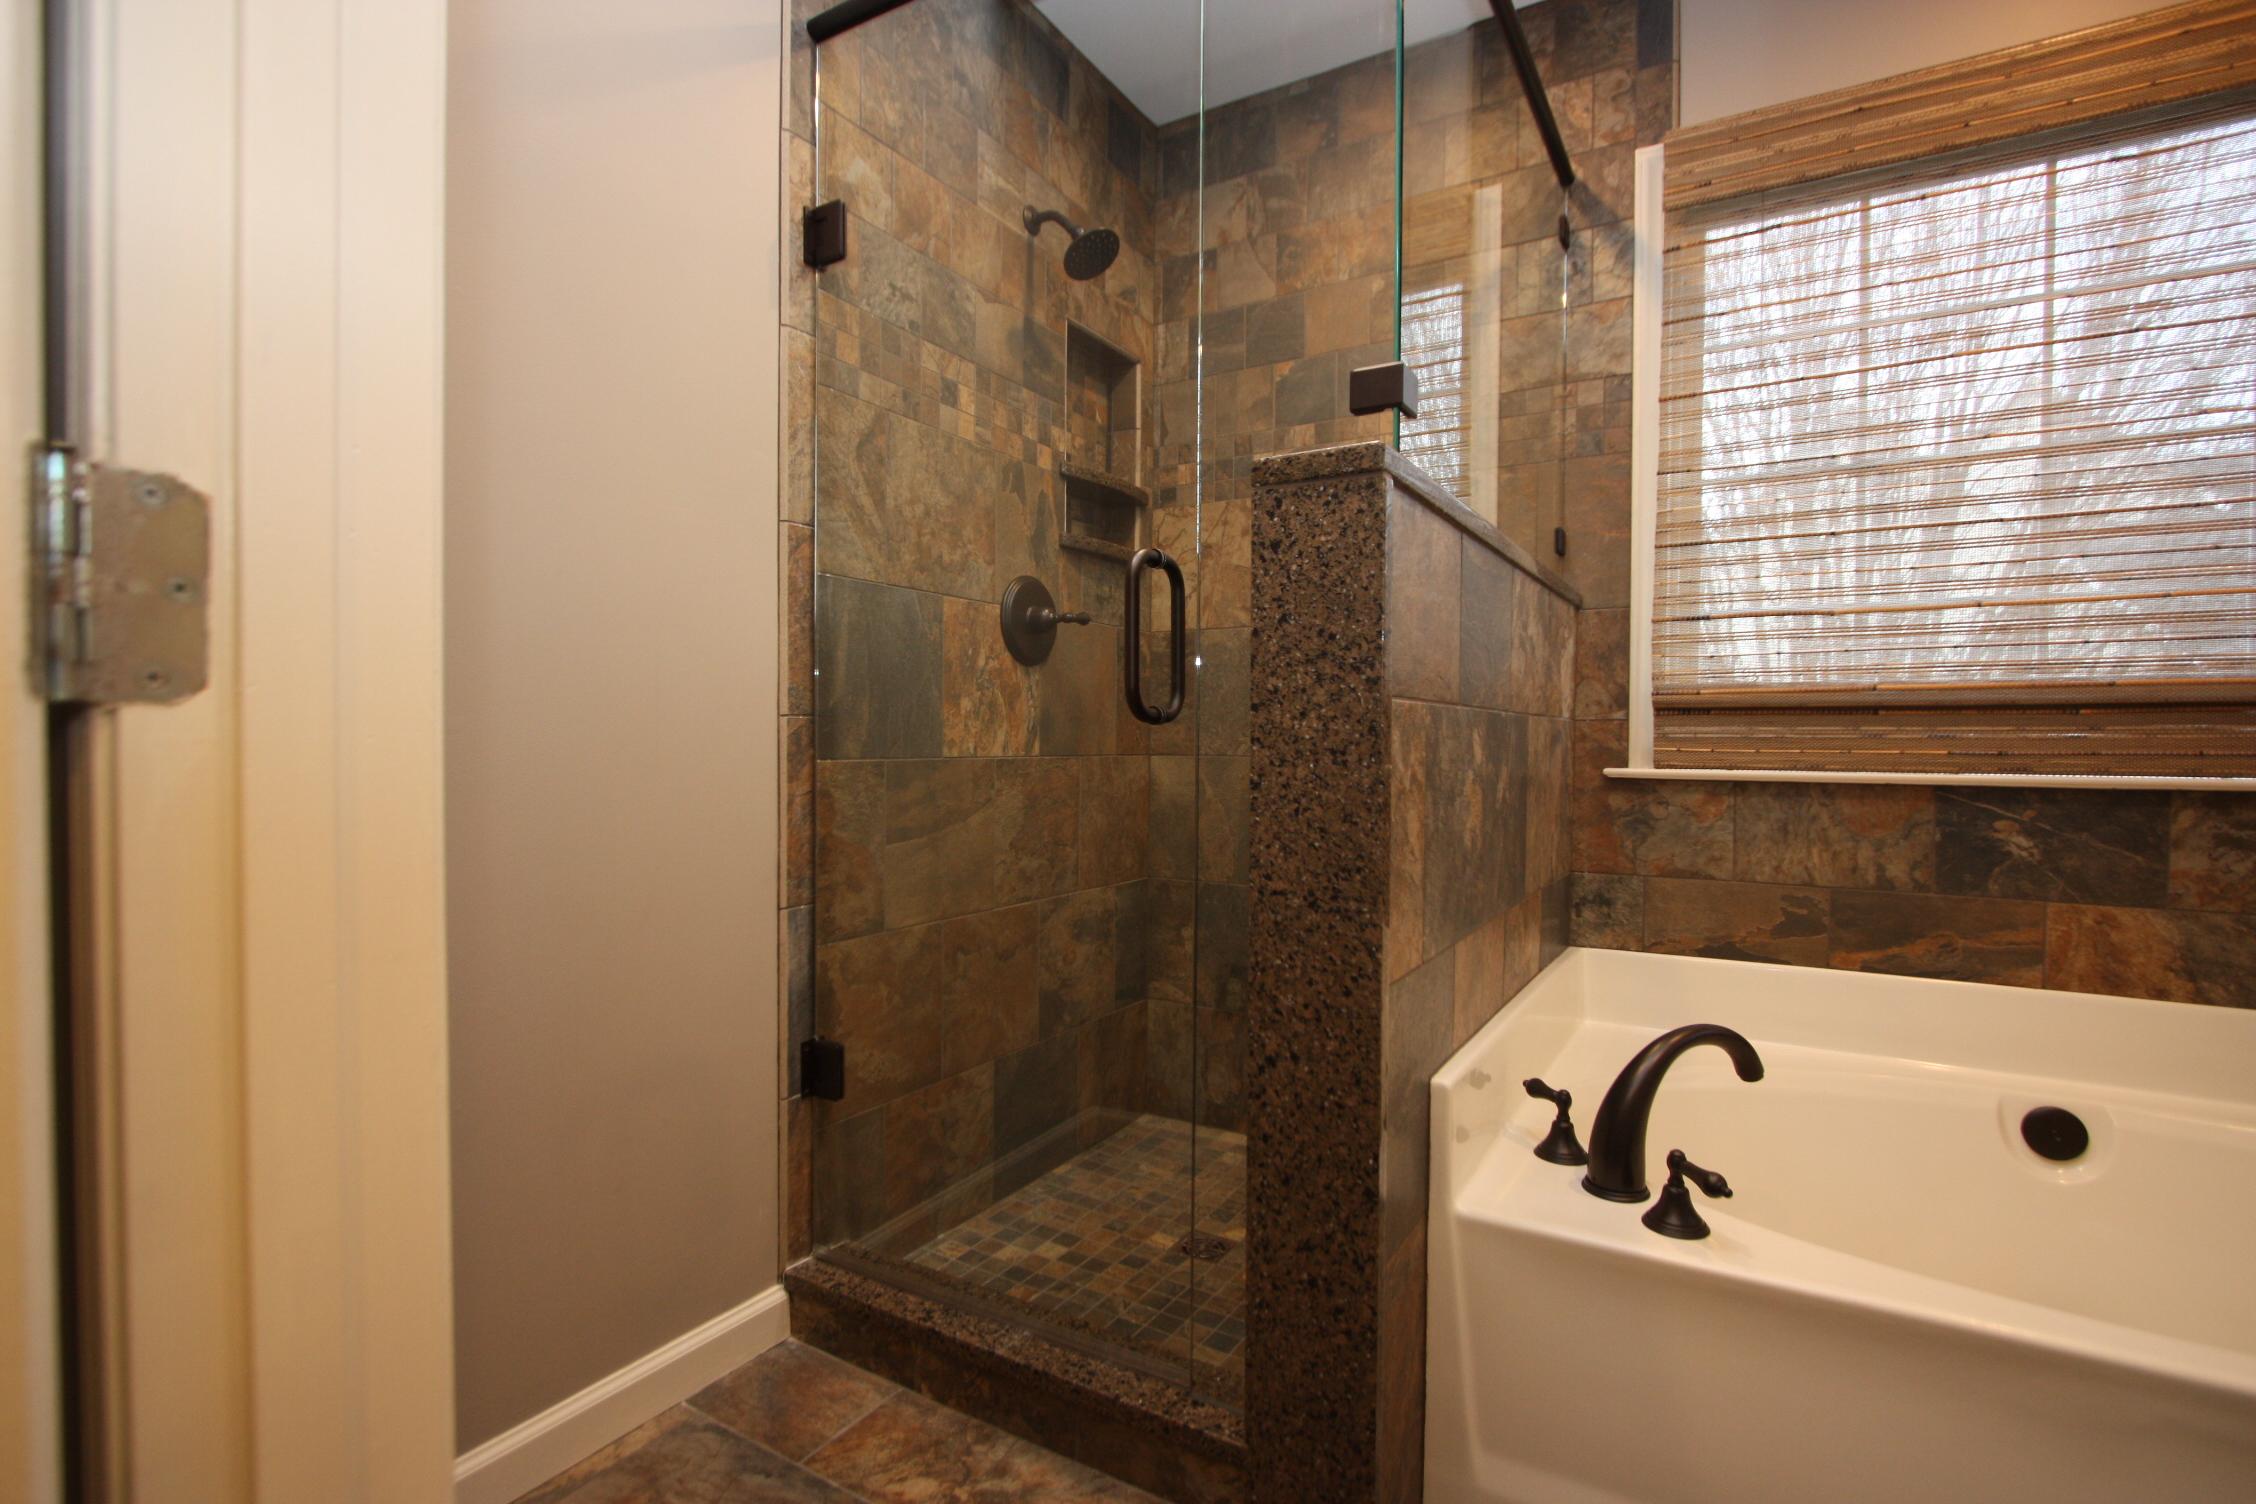 HIgh Point Bath Remodel